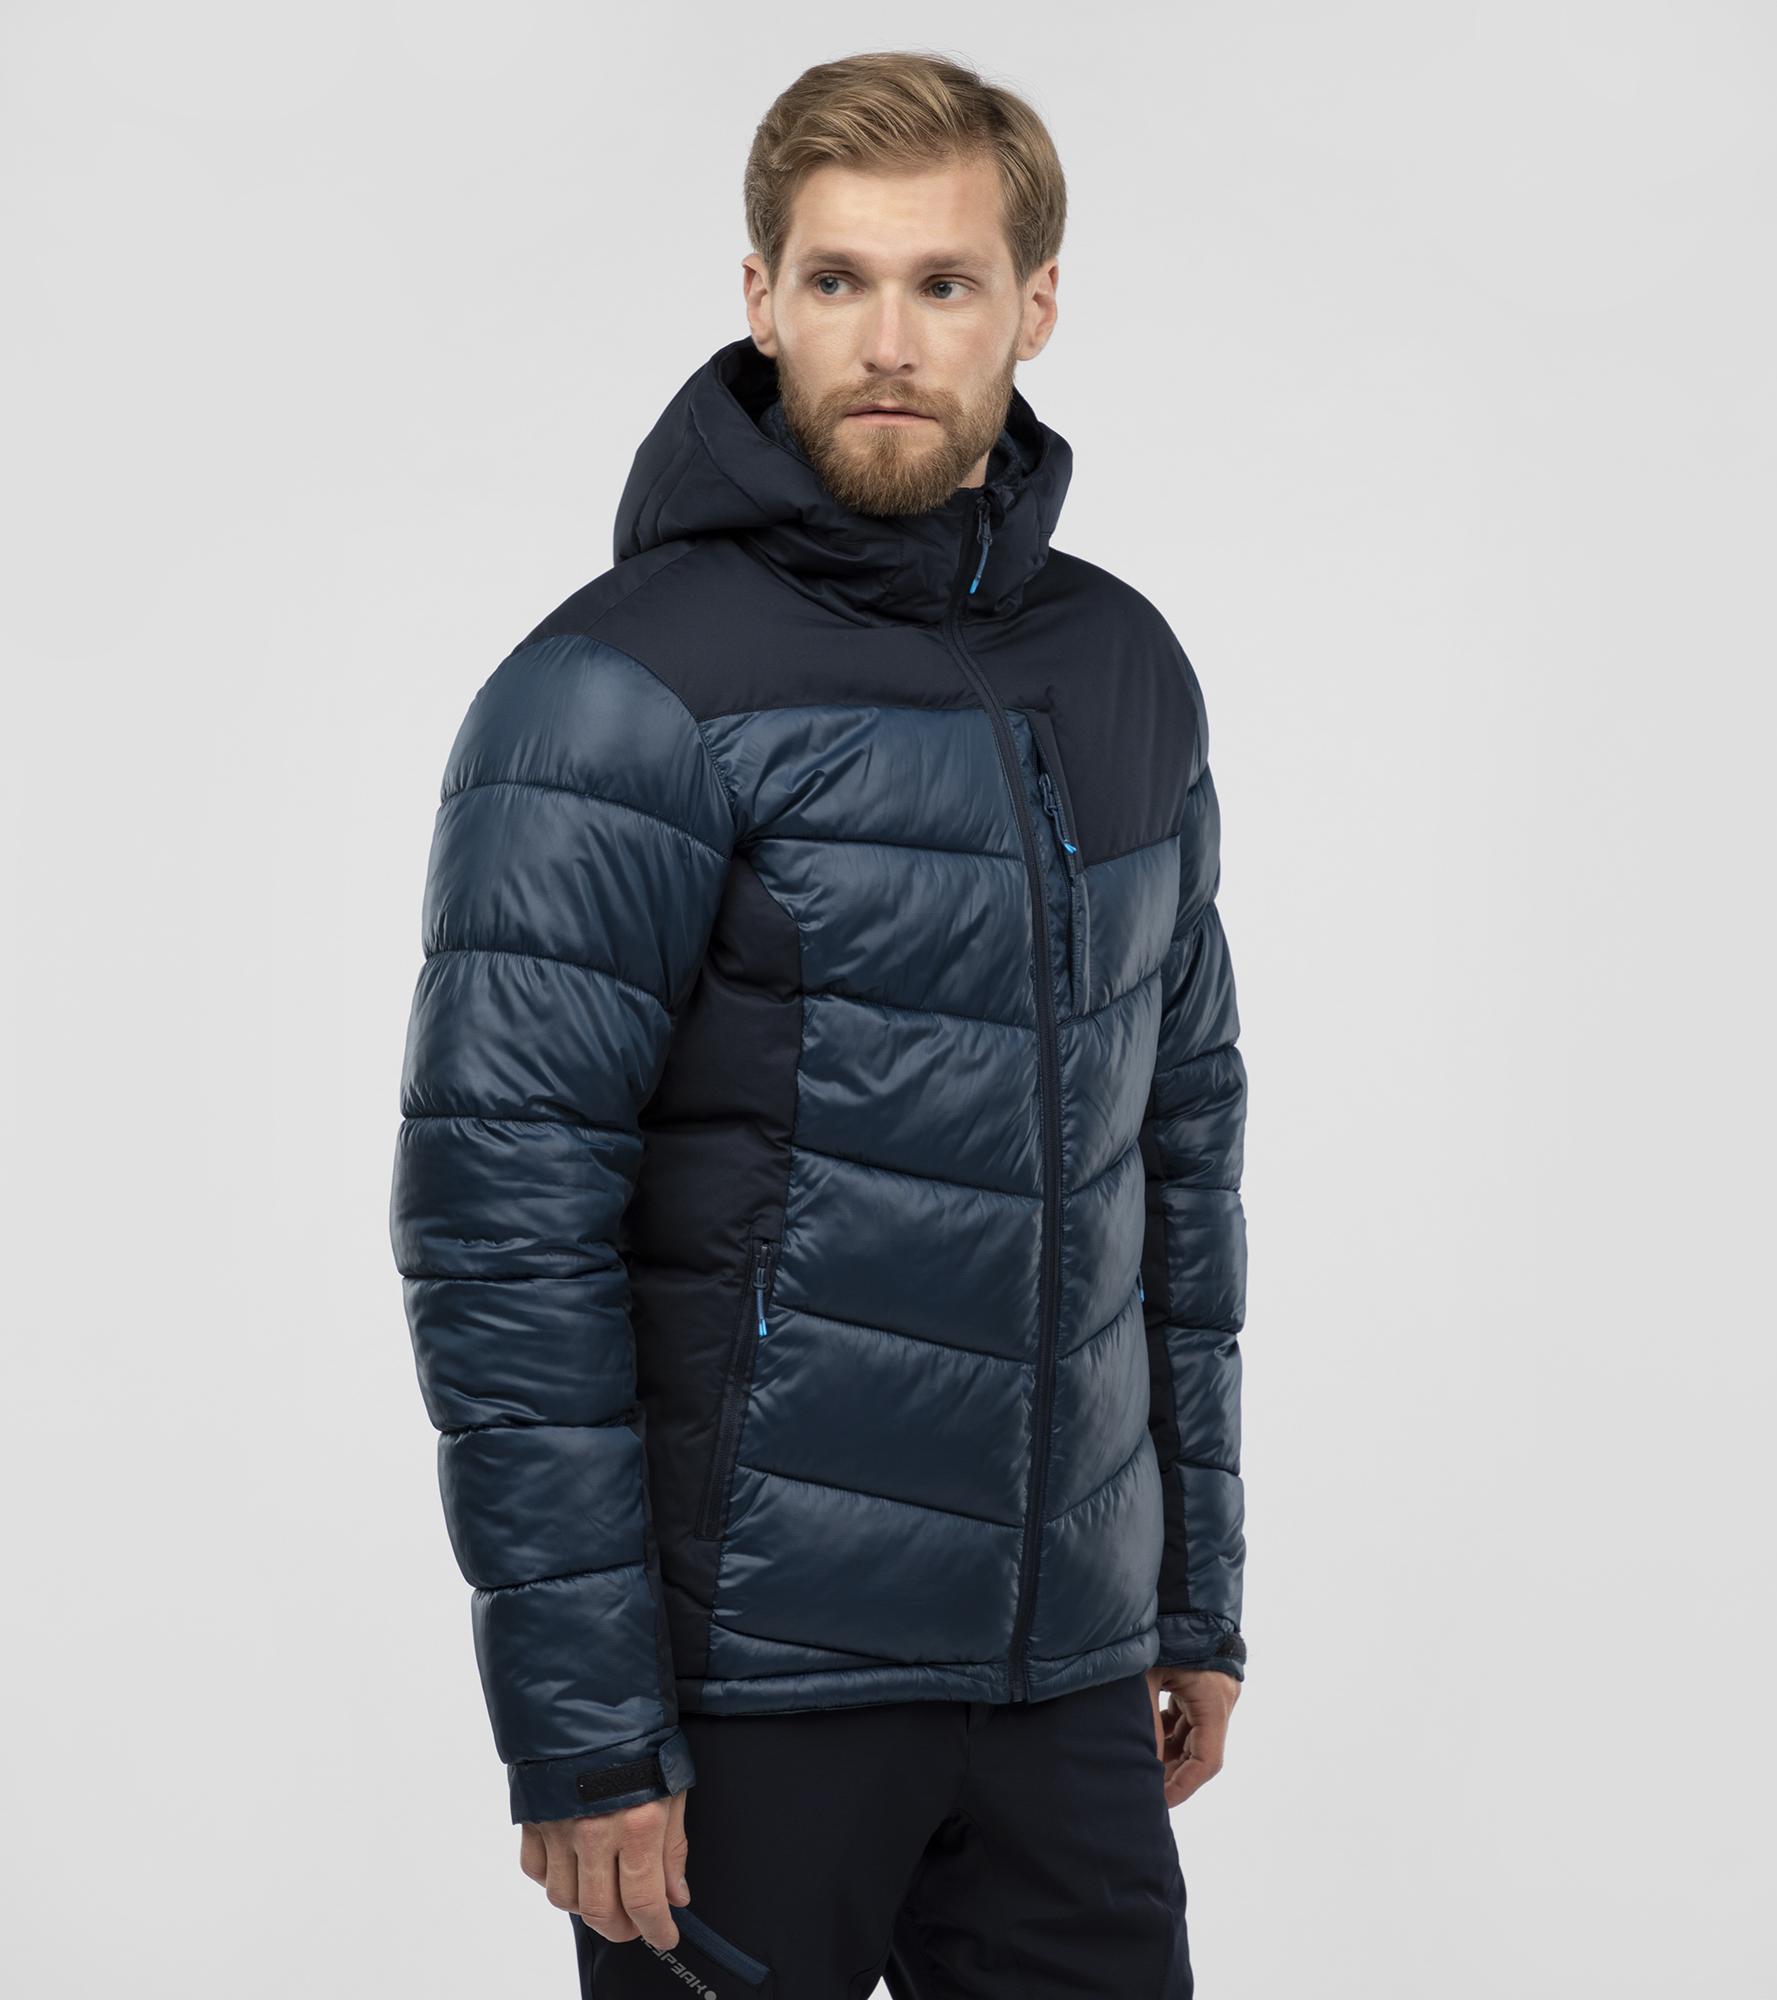 IcePeak Куртка утепленная мужская IcePeak Pierron, размер 58 цены онлайн